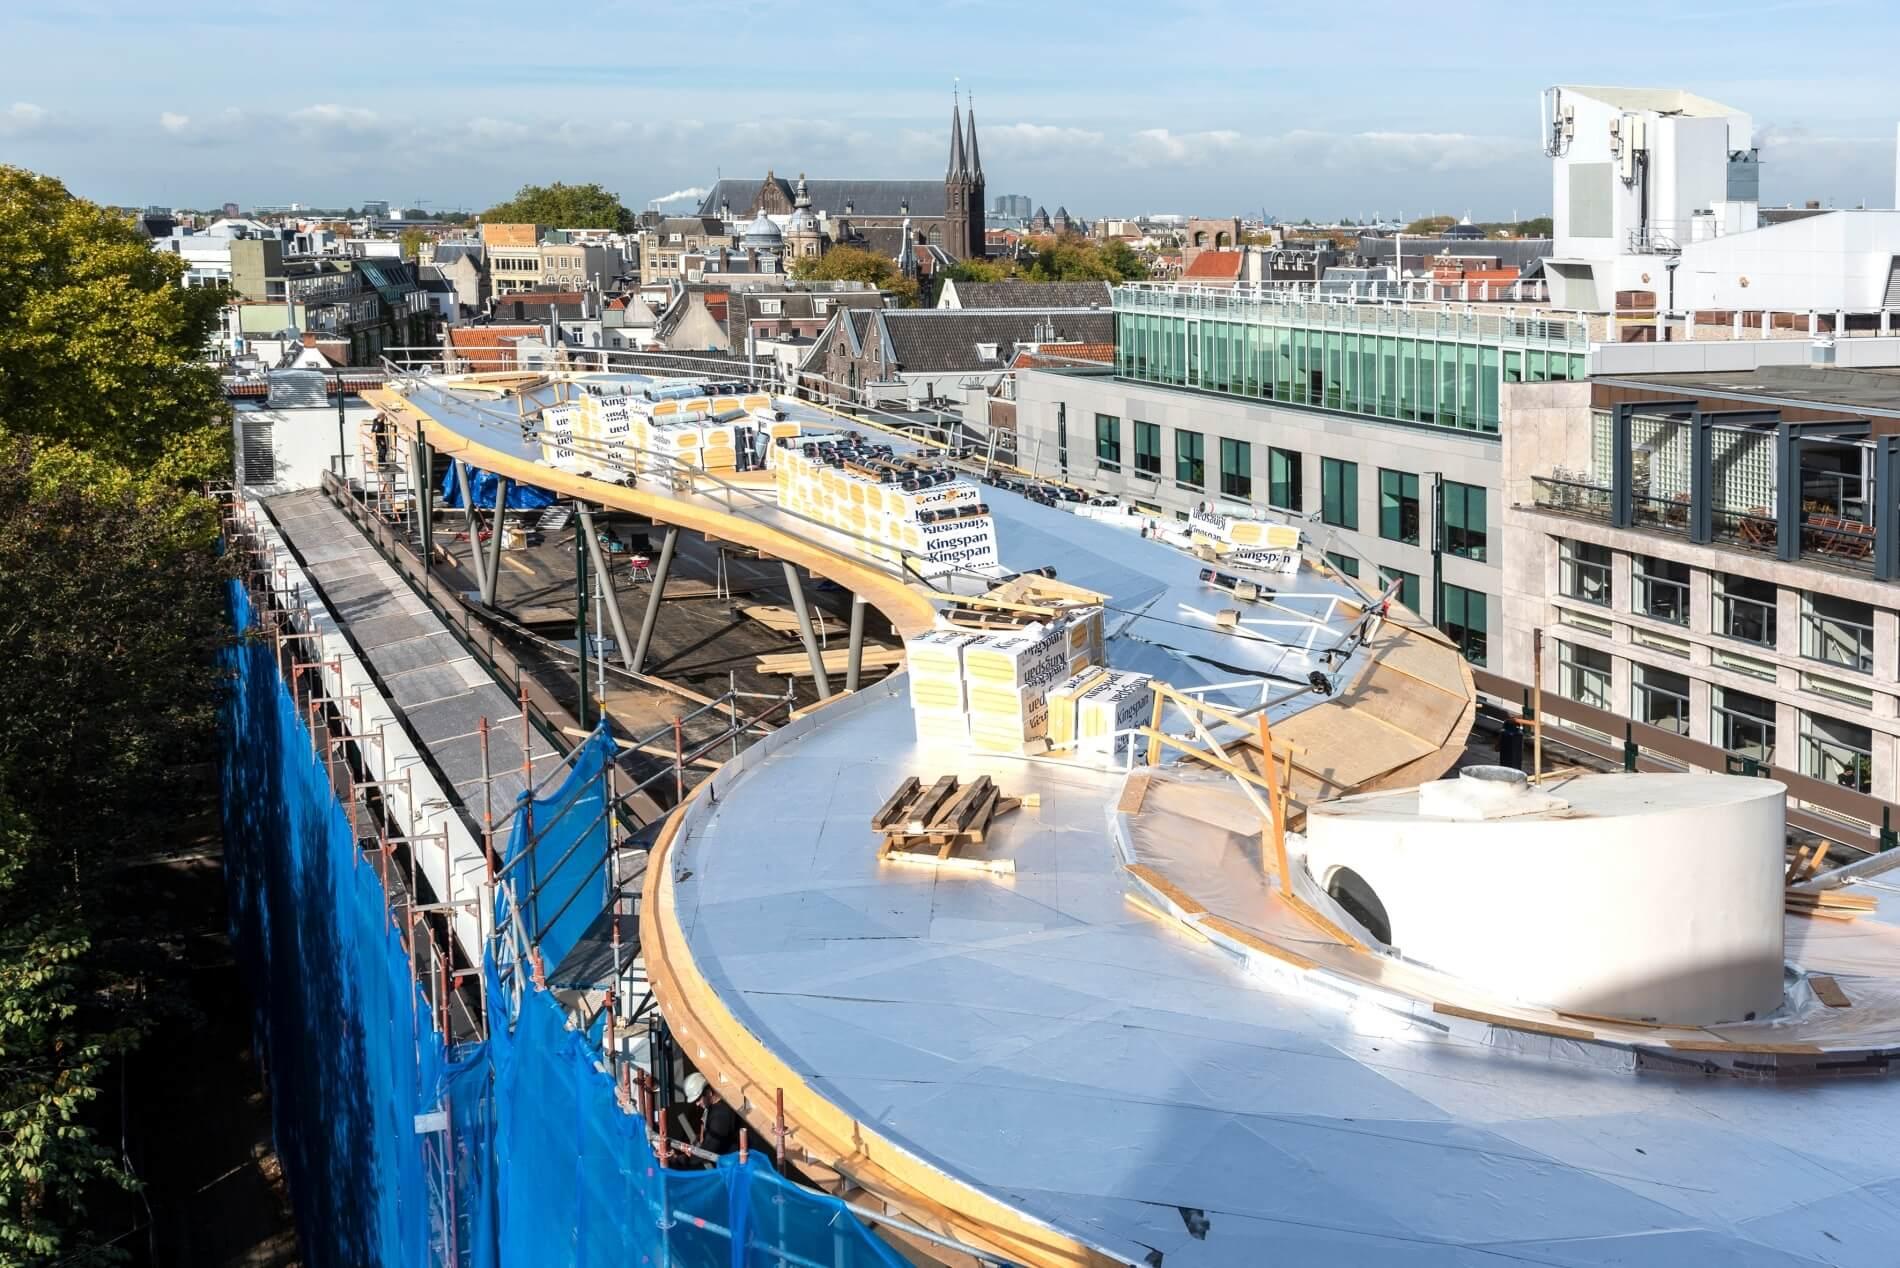 Bijzondere dakconstructie - realisatie in volle gang